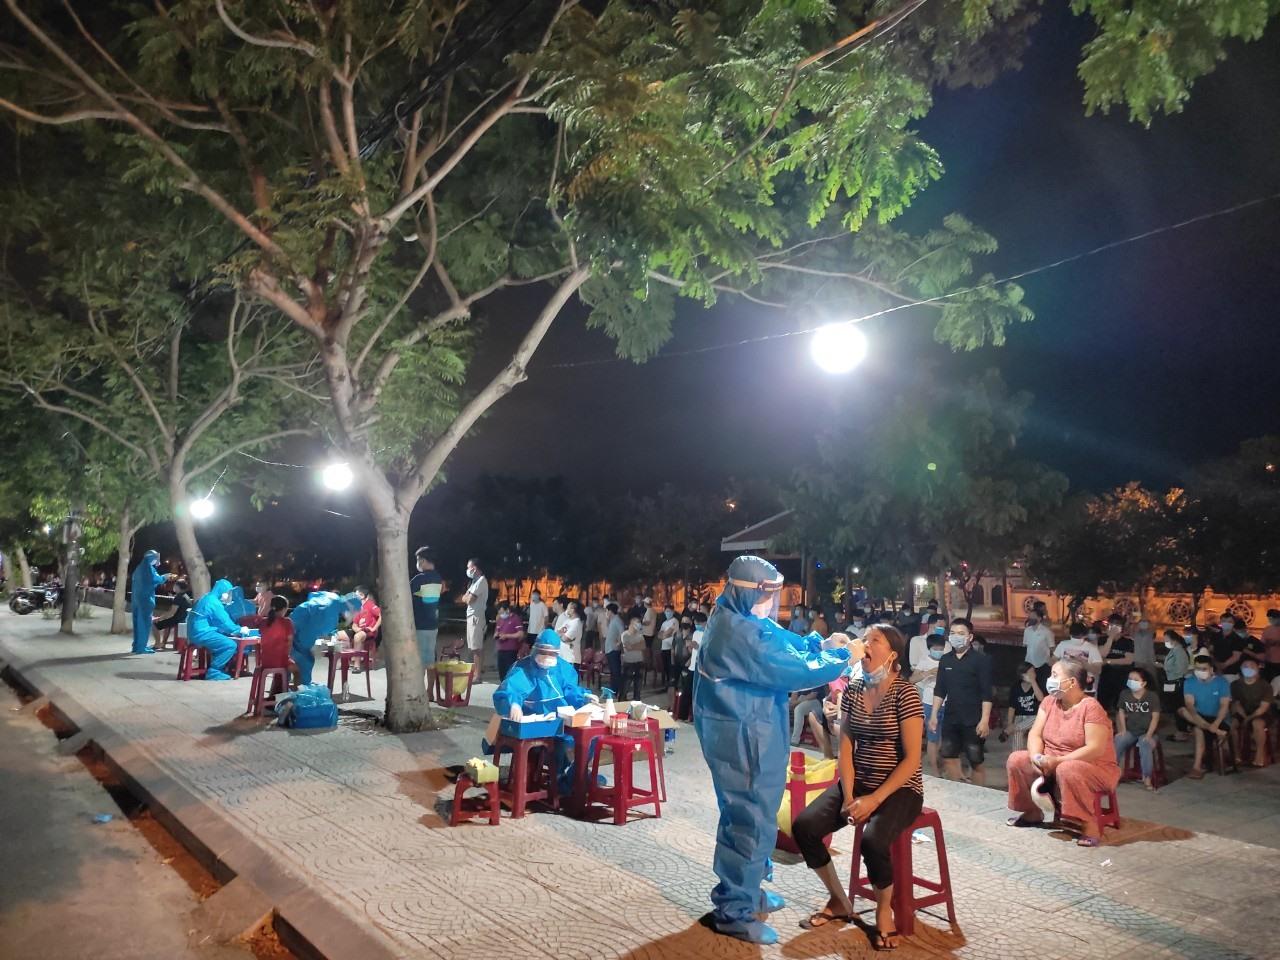 Các lực lượng chức năng ở Hội An truy vết, lấy mẫu ngay trong đêm tại phường Tân An. Ảnh: LÊ HIỀN